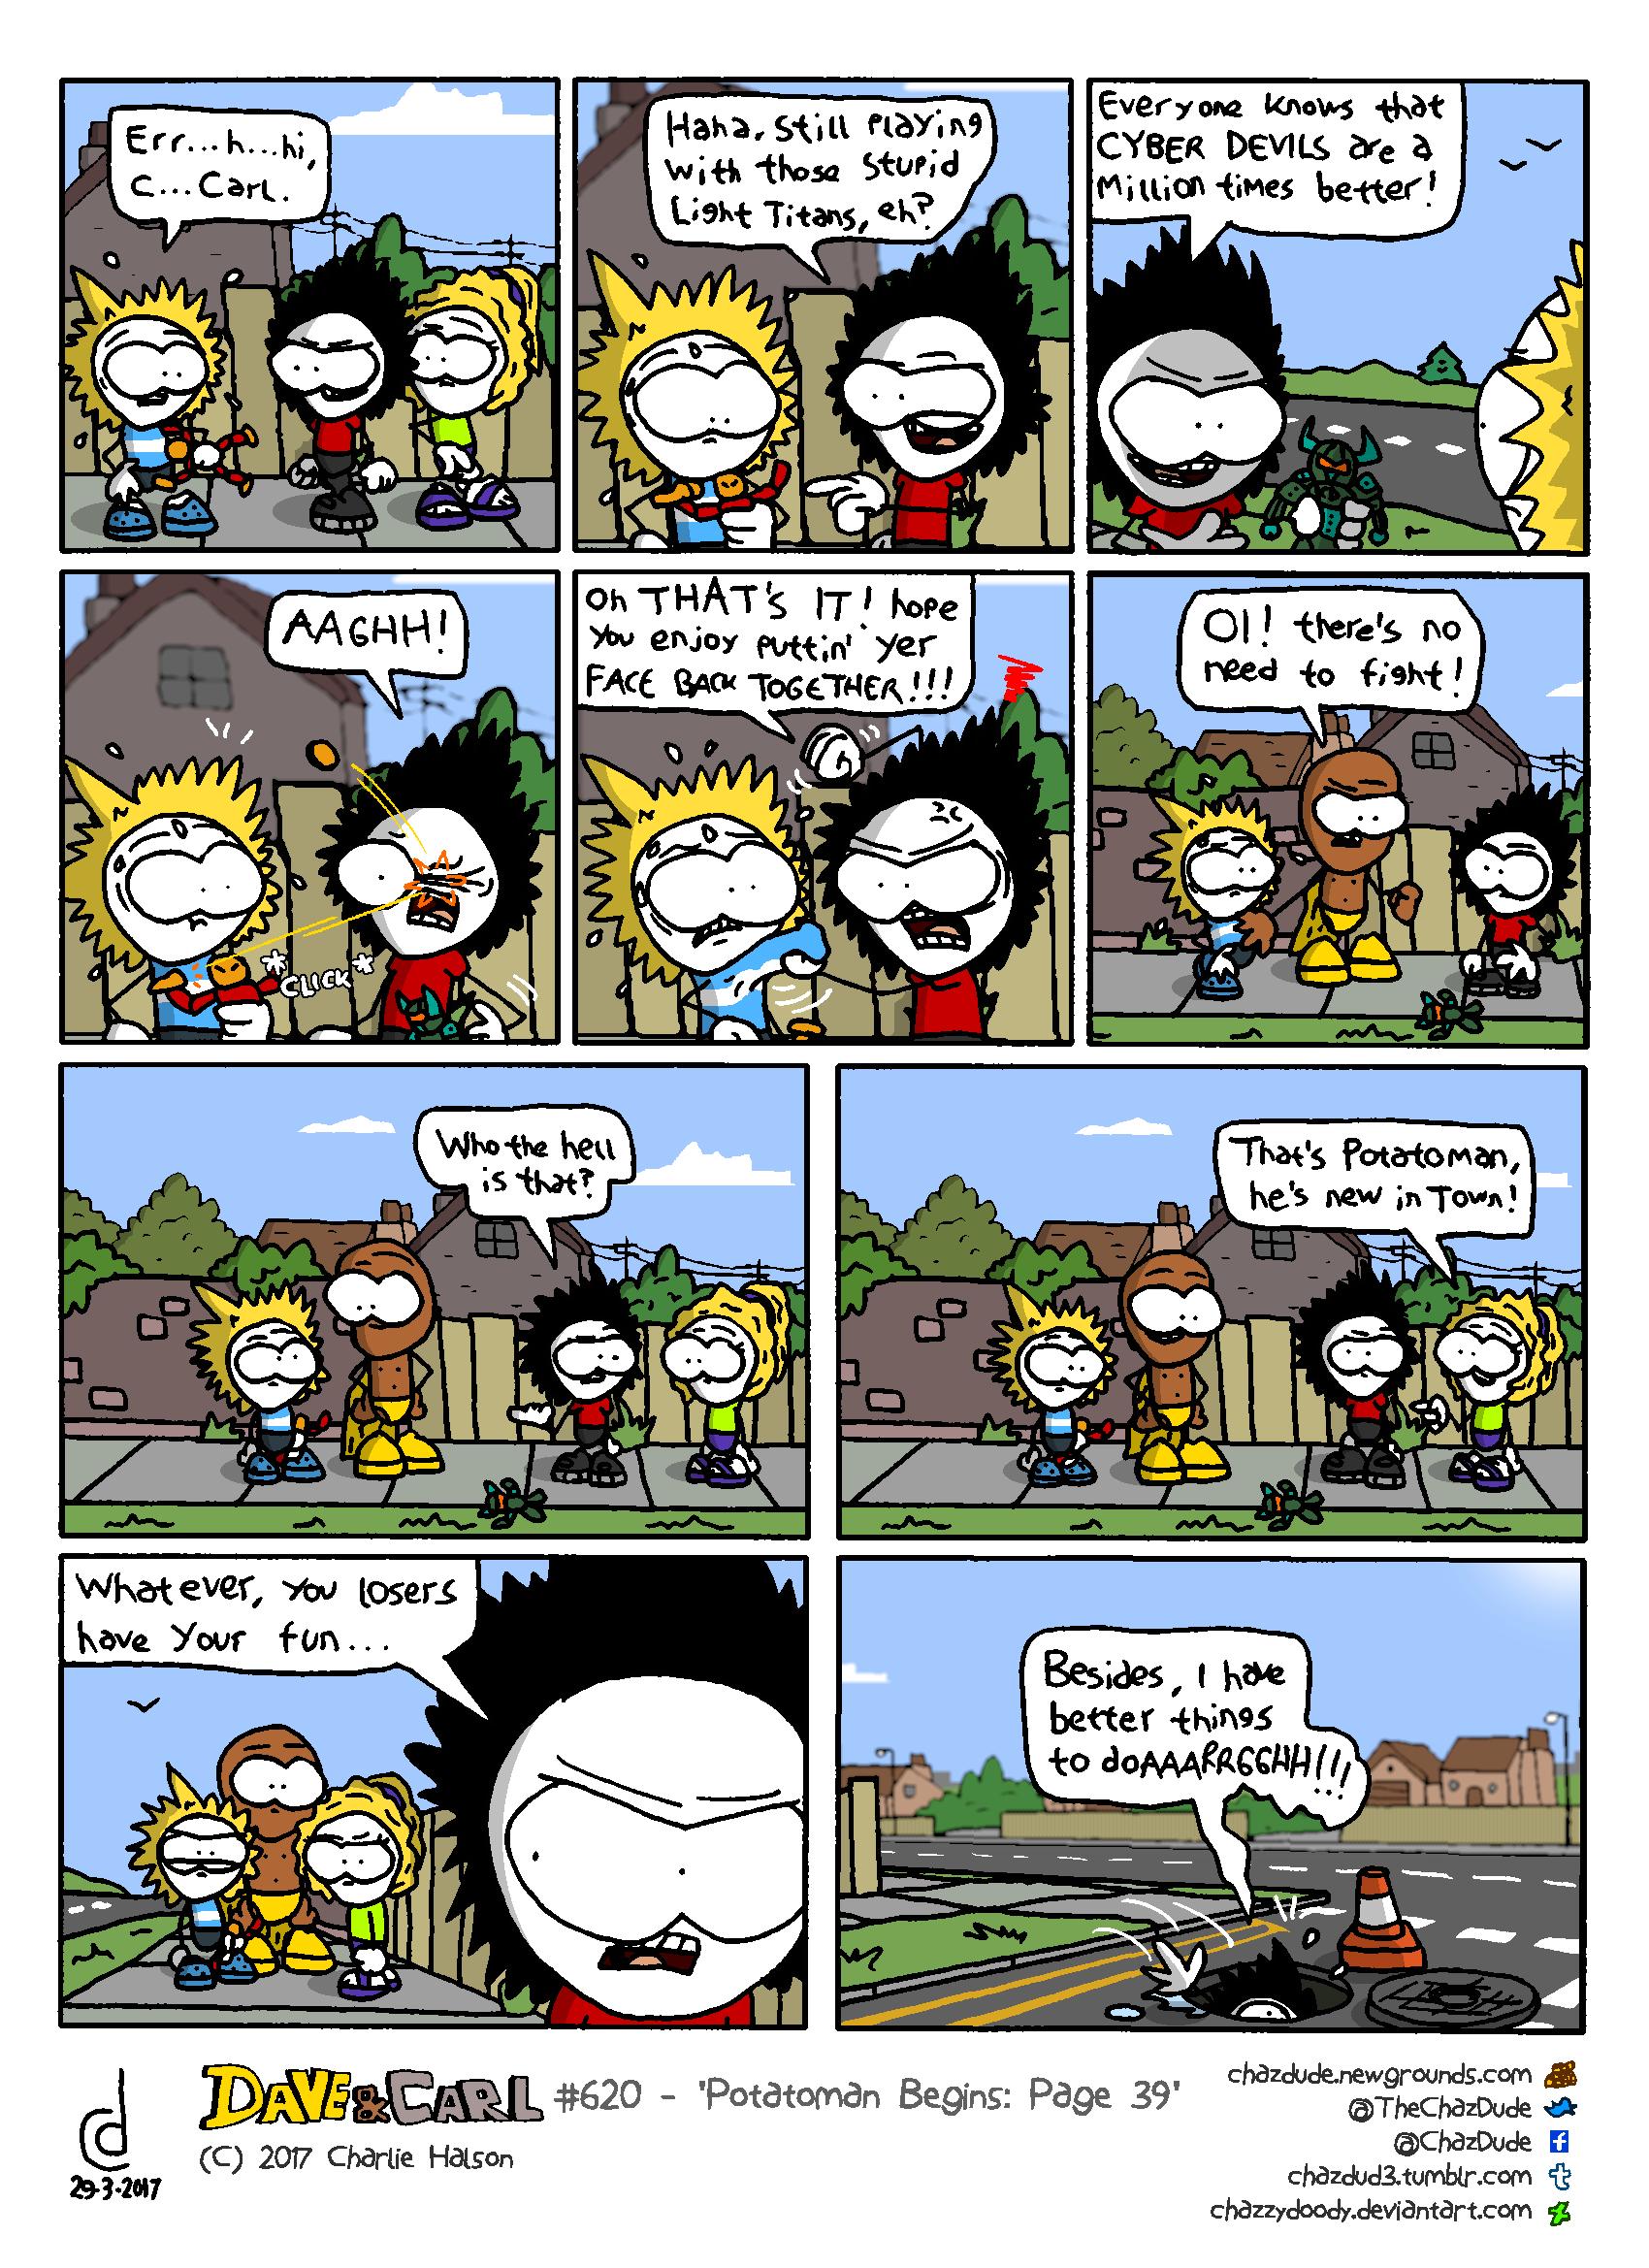 Potatoman Begins: Page 39